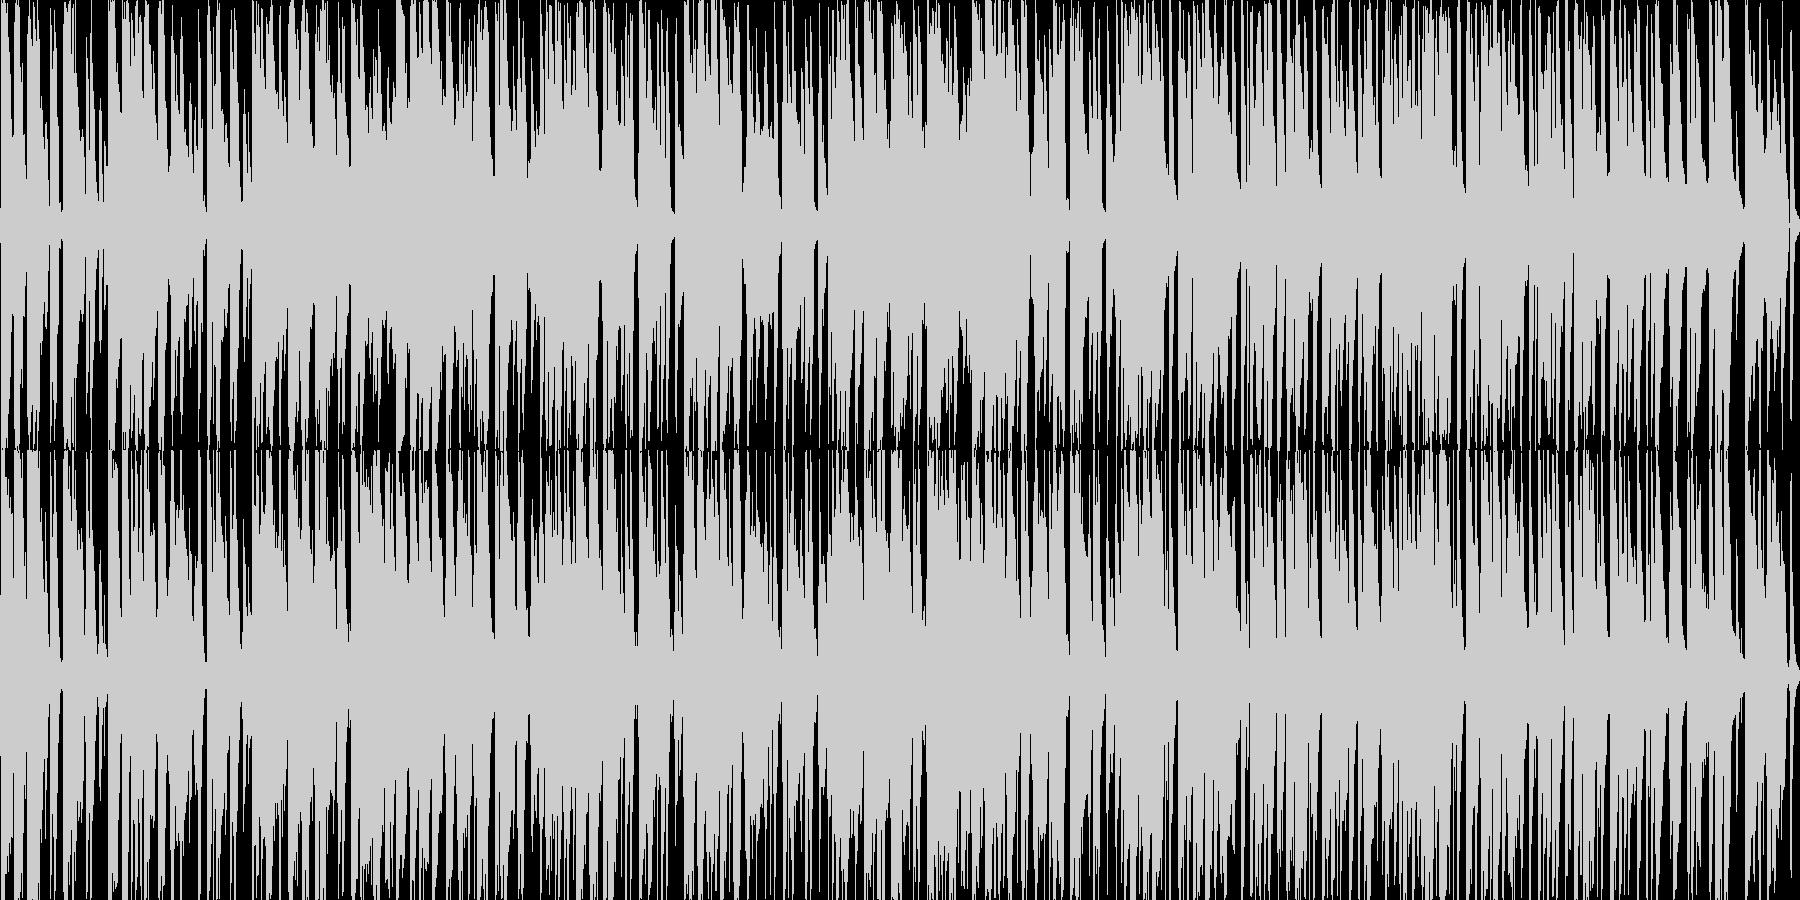 猫系のほのぼのした明るく軽快なループ曲の未再生の波形